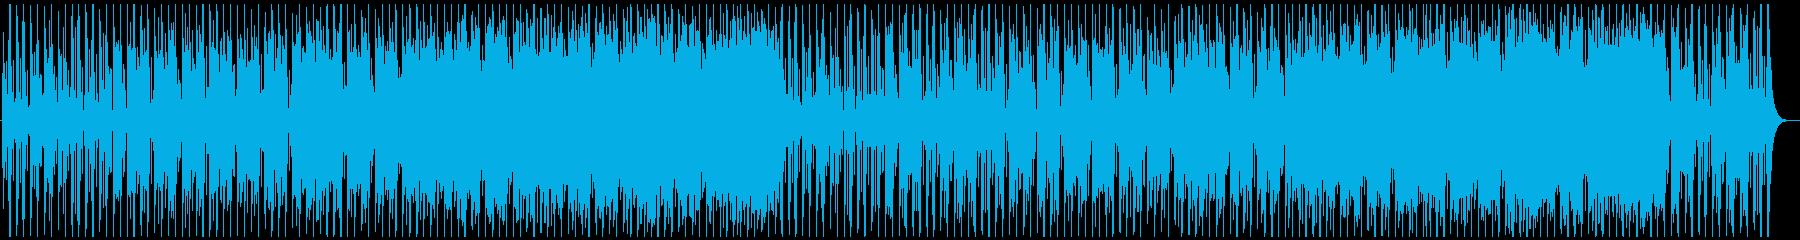 フュージョン ジャズ 不思議 奇妙...の再生済みの波形